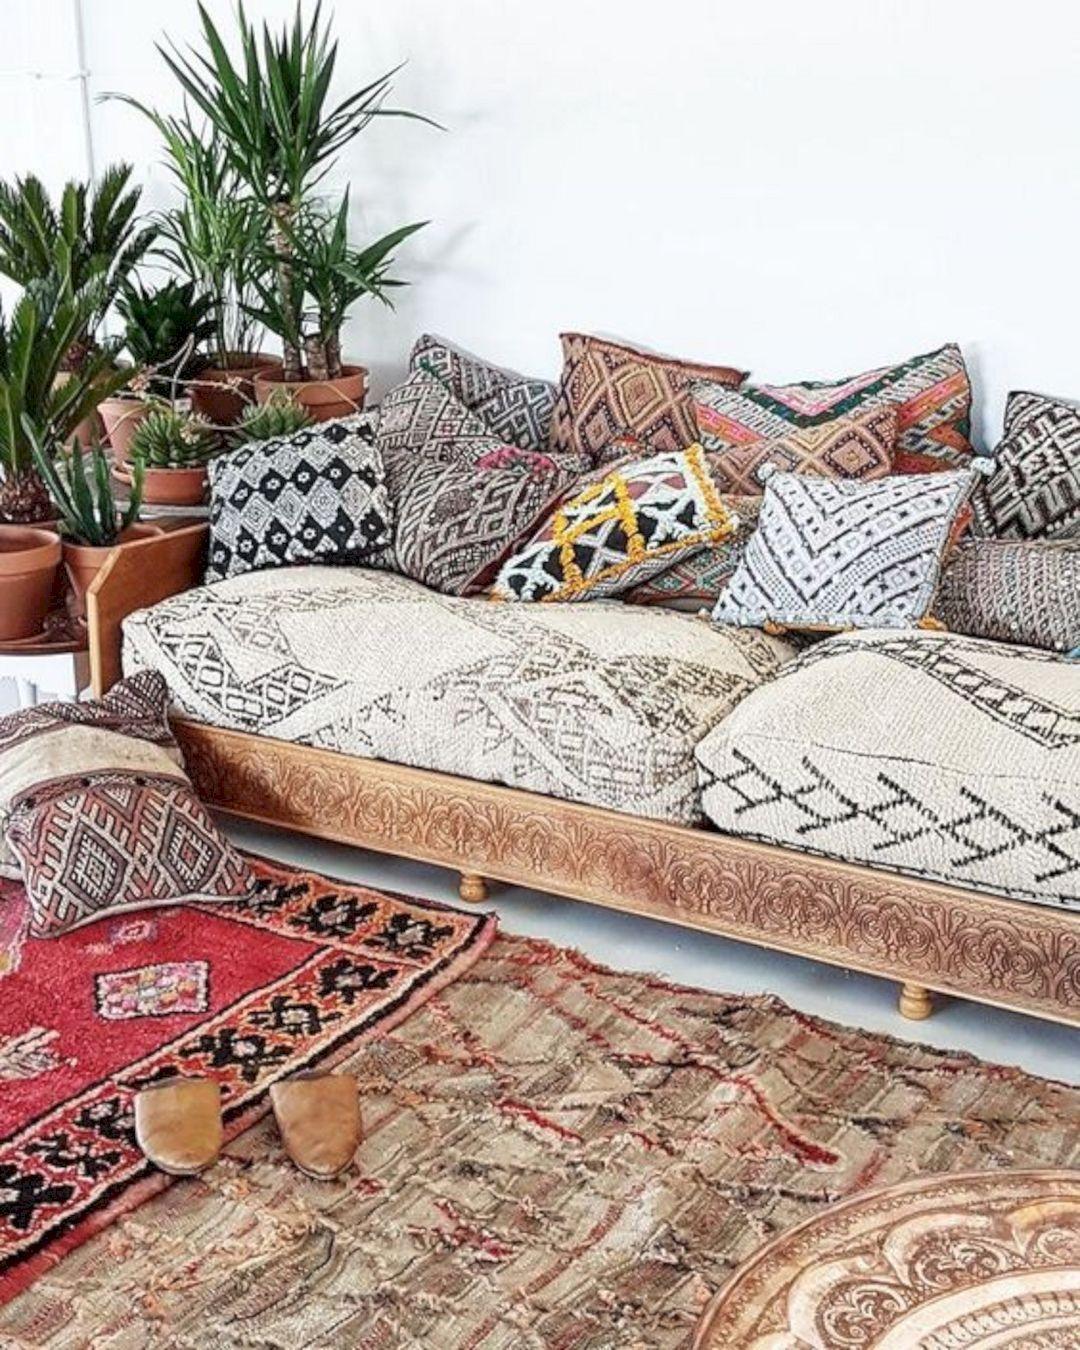 16 Moroccan Home Decoration Ideas Moroccan Decor Bedroom Moroccan Home Decor Living Room Pillows